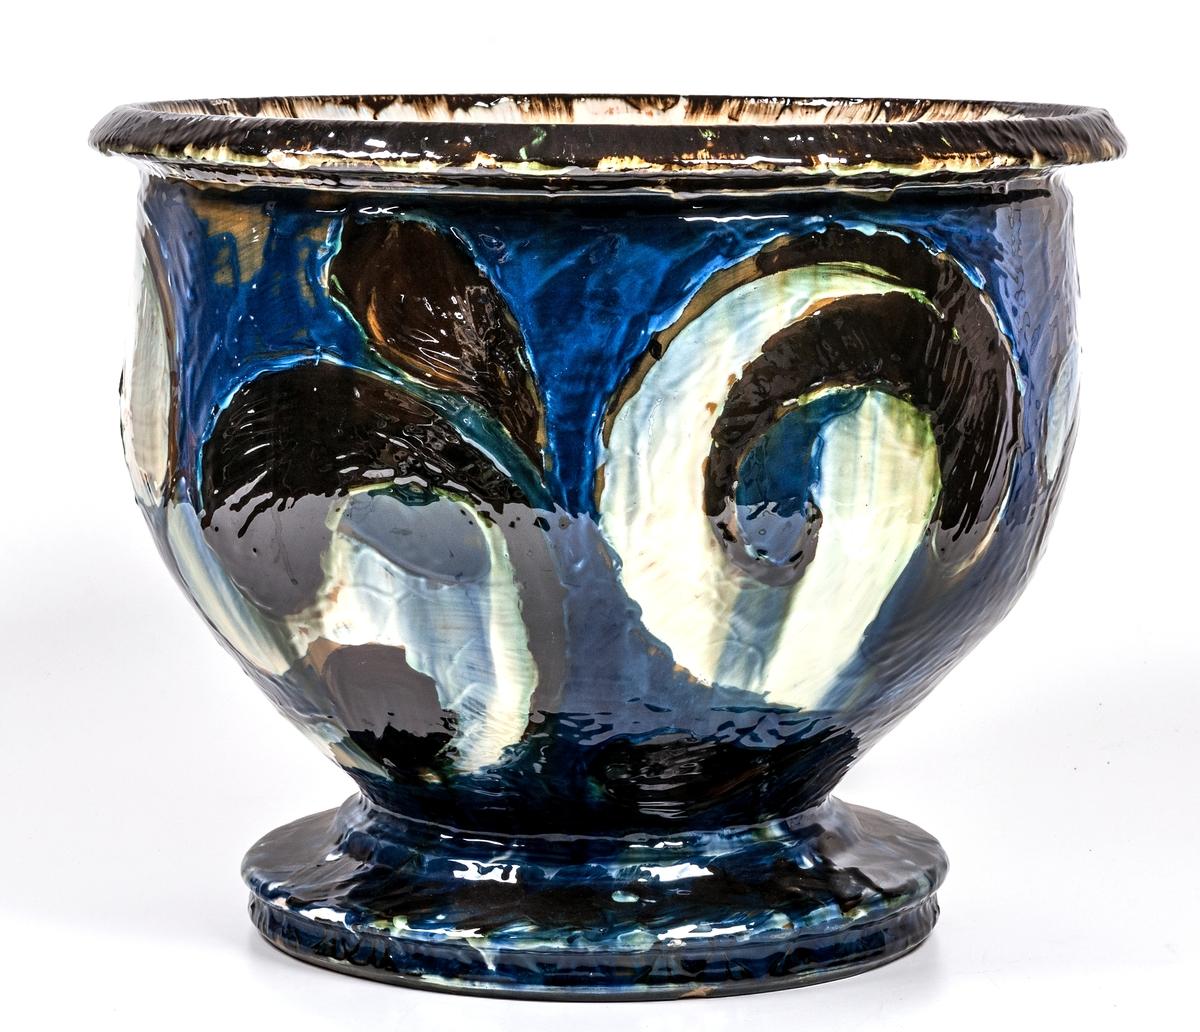 Urna, keramik. Djupblå med dekor i vitt och brunt. Fot. Märke; HAK Danmark.